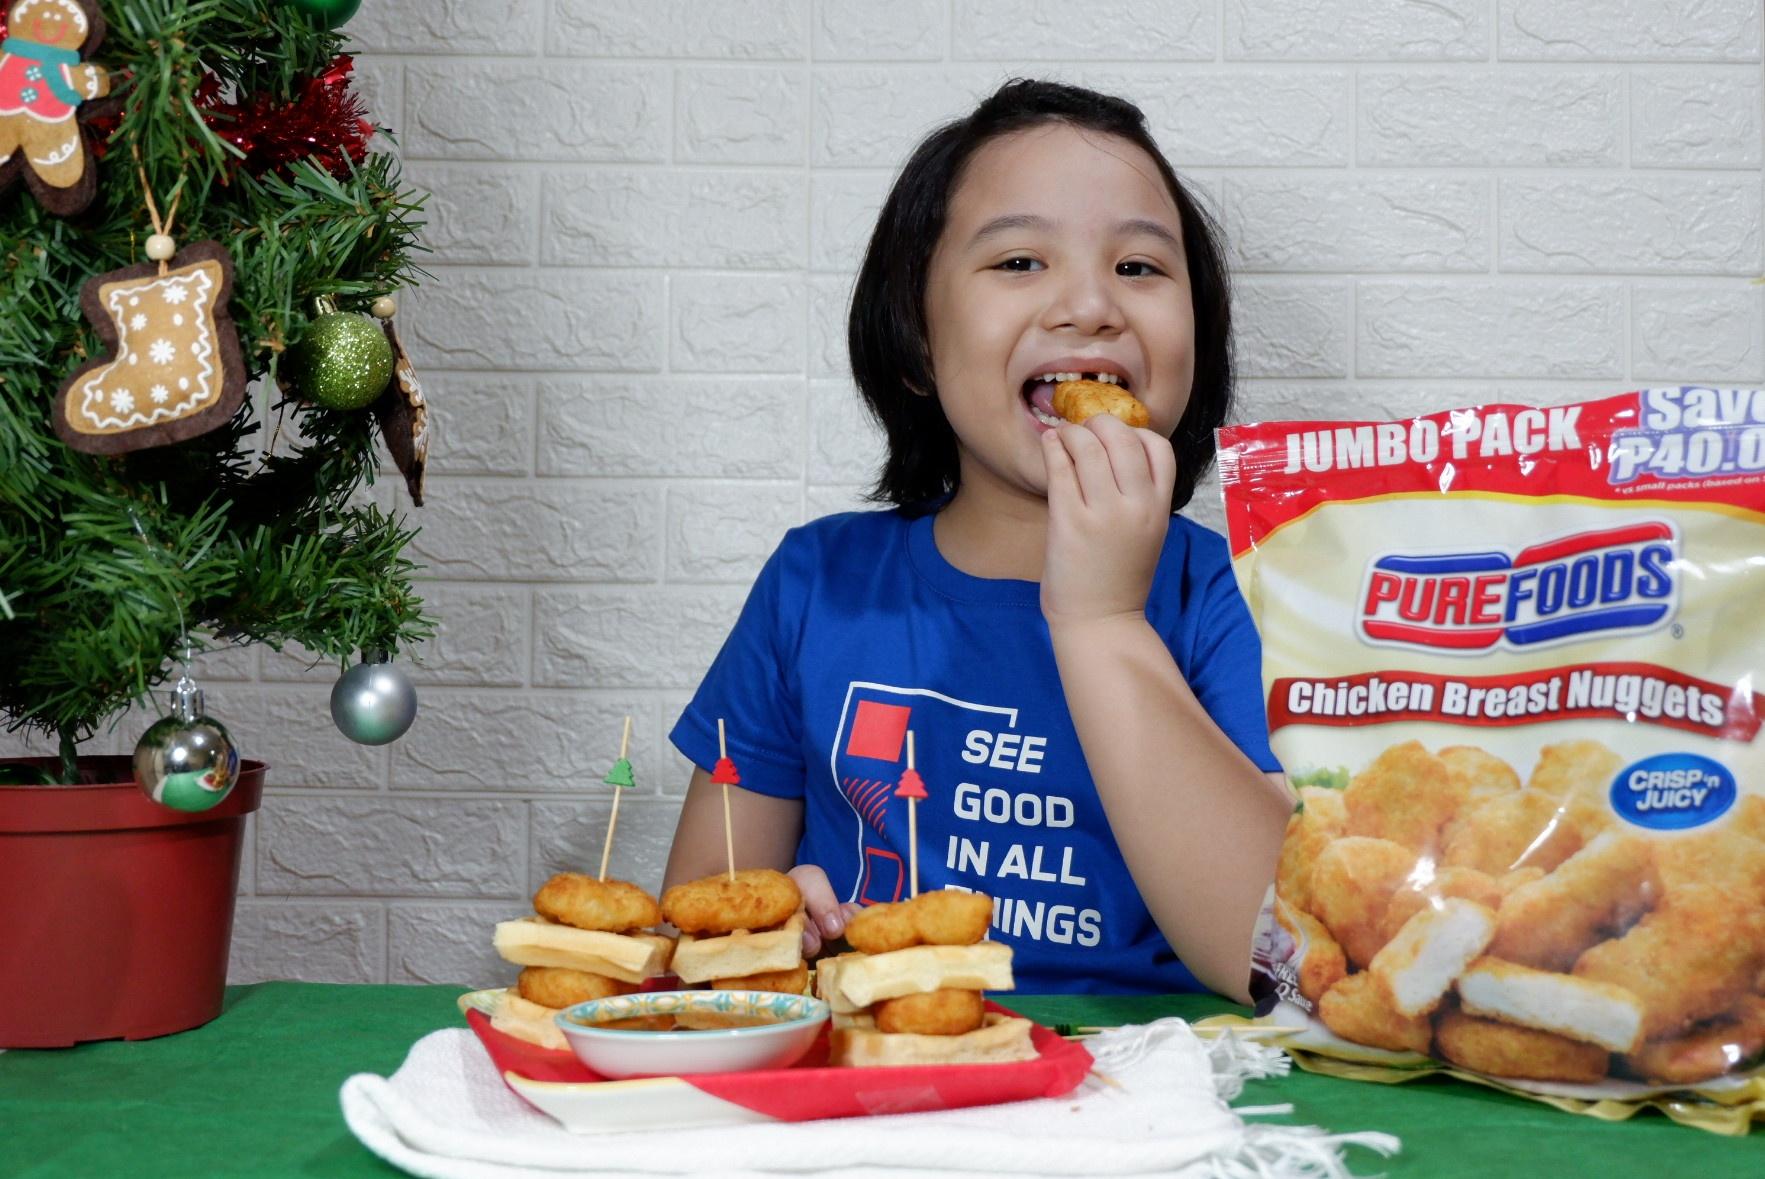 purefoodsnuggets (6)